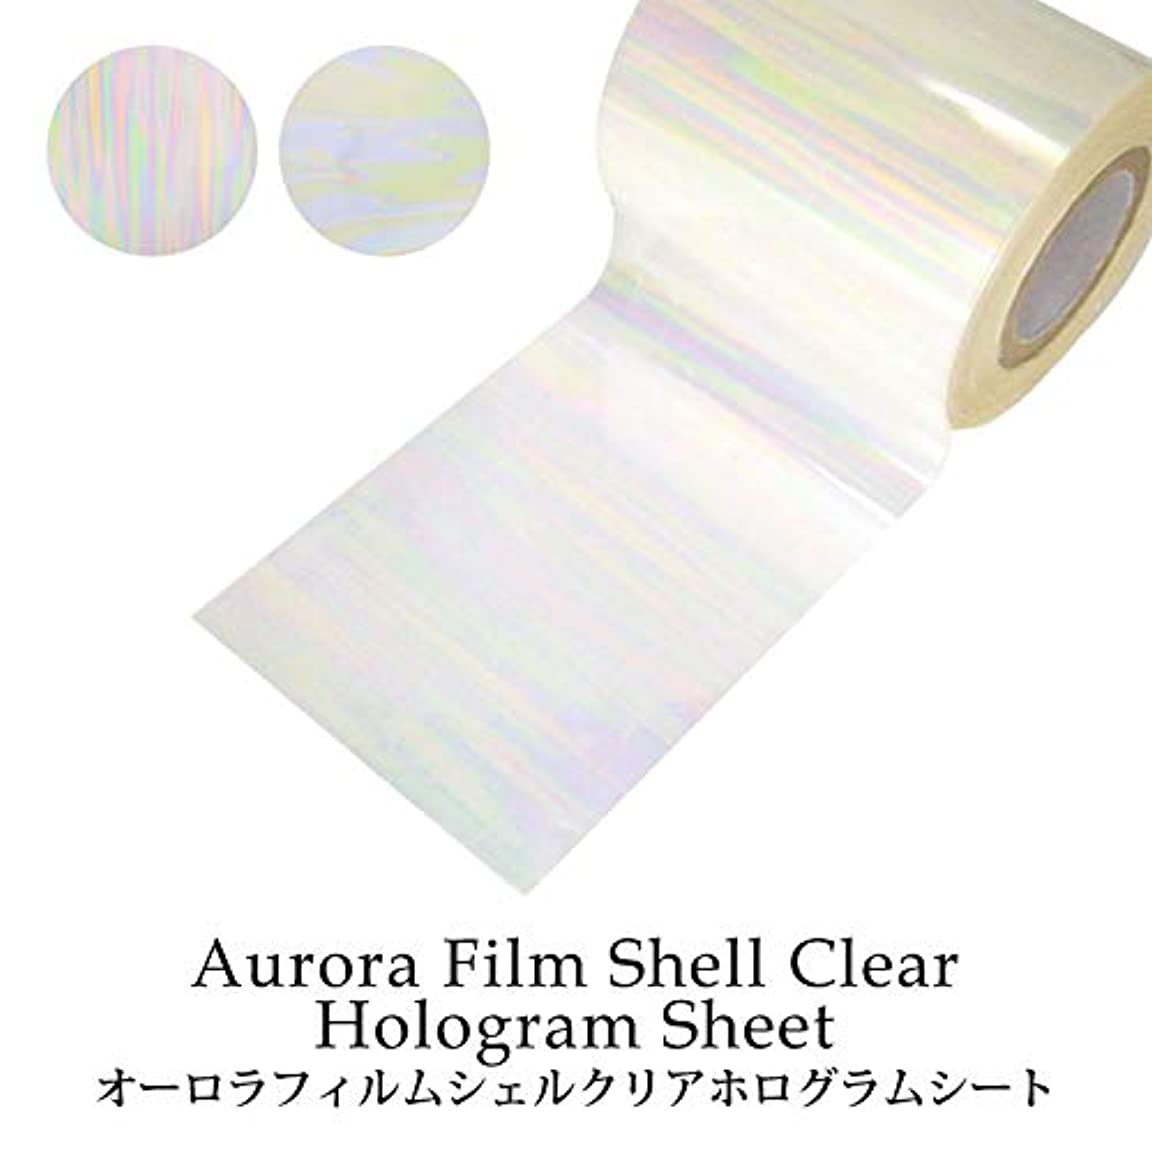 オーロラフィルム シェルクリア ホログラムシート(1-2) 1枚入り (2.シェルクリア(横))